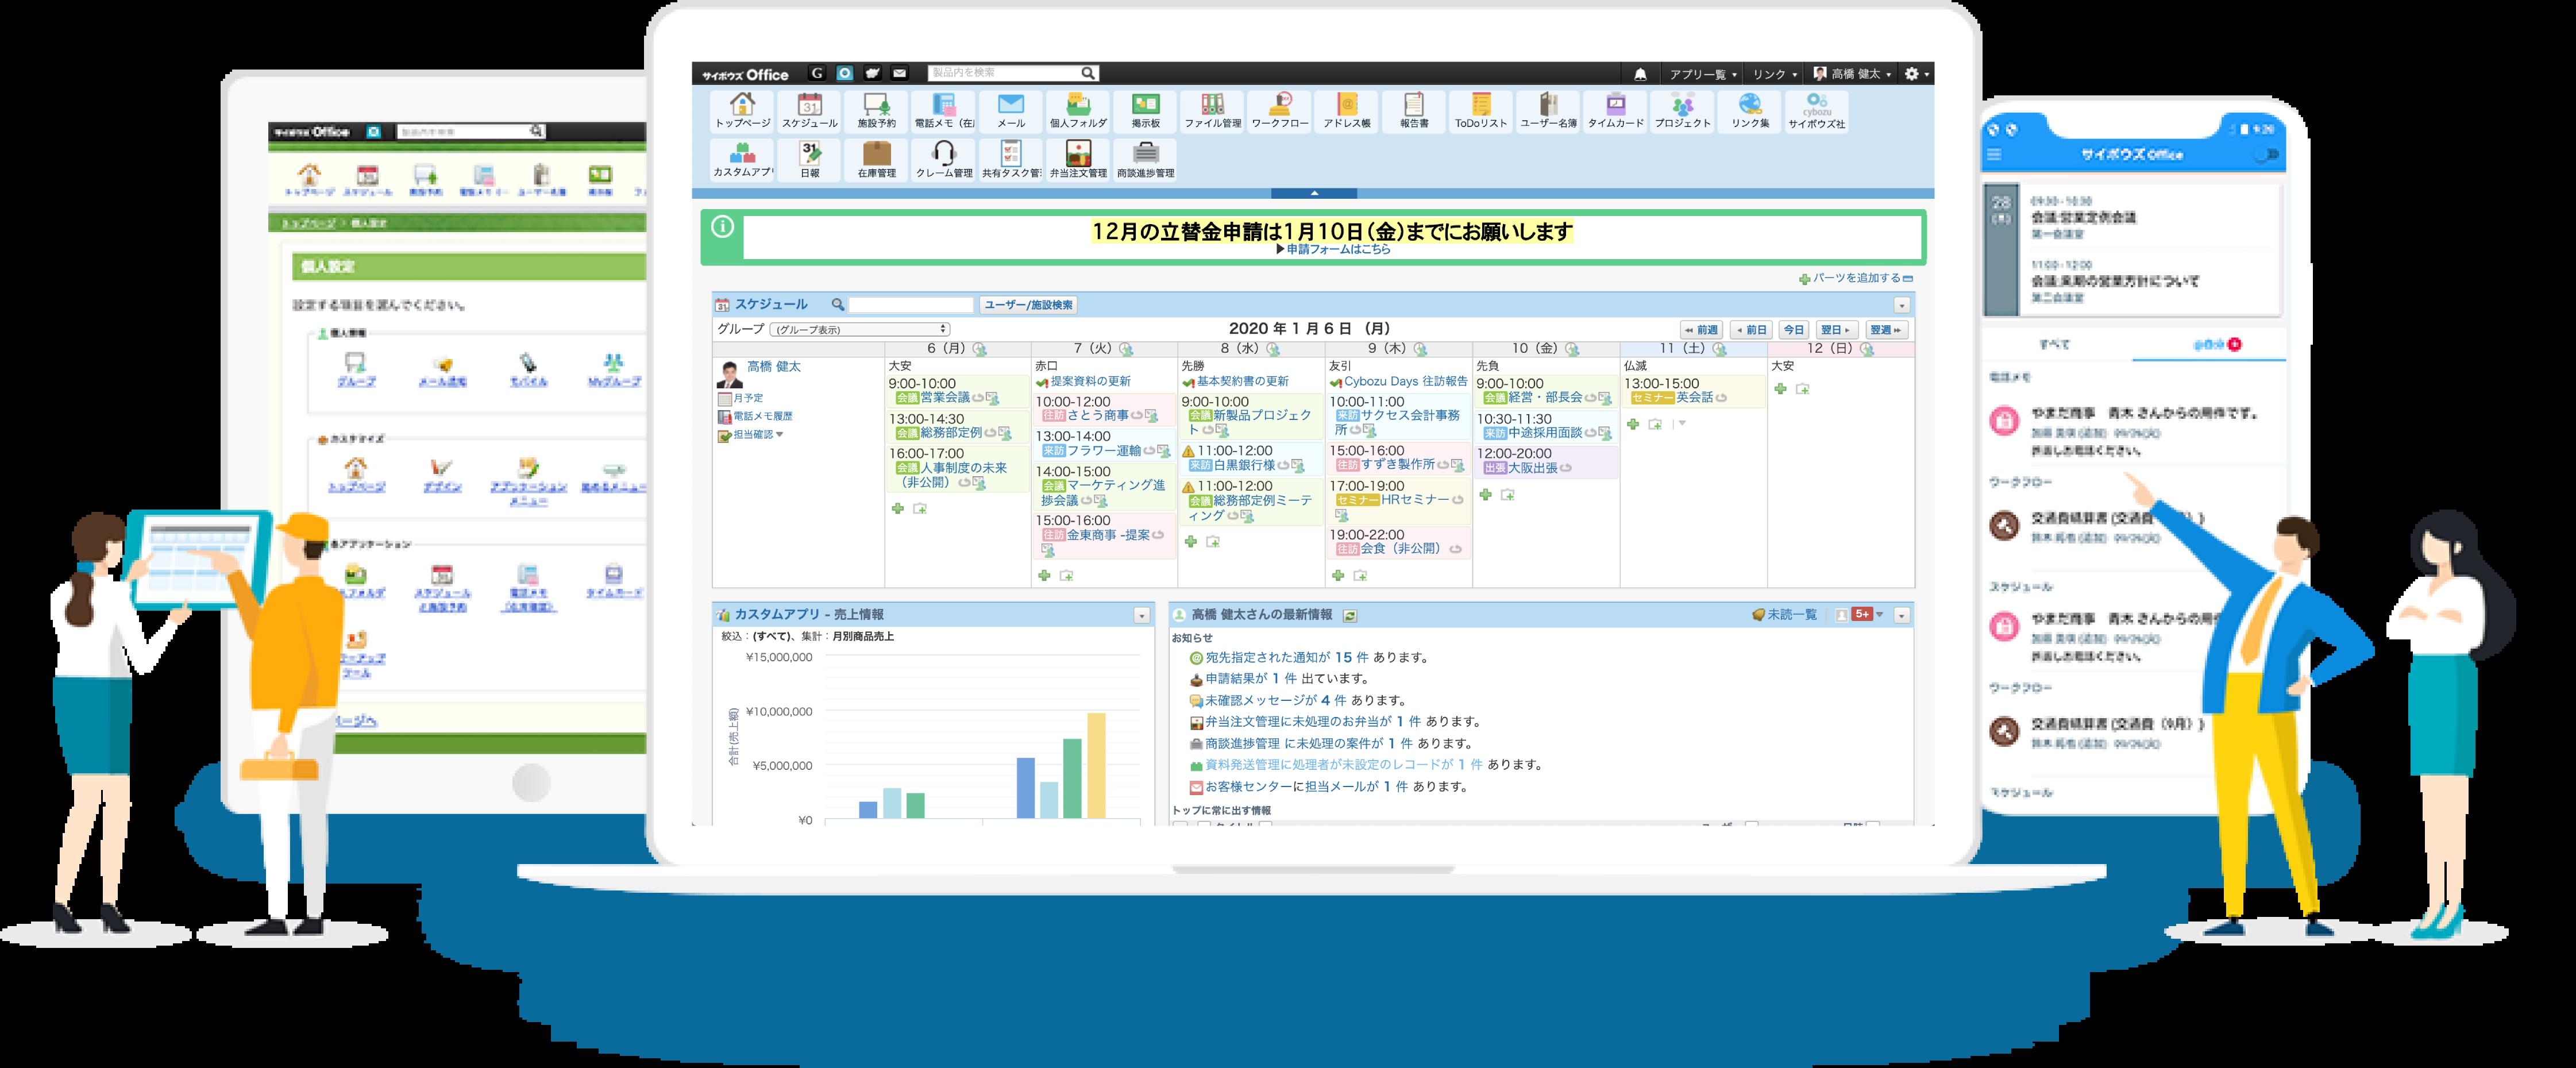 サイボウズOfficeの管理画面(PC/スマホ)